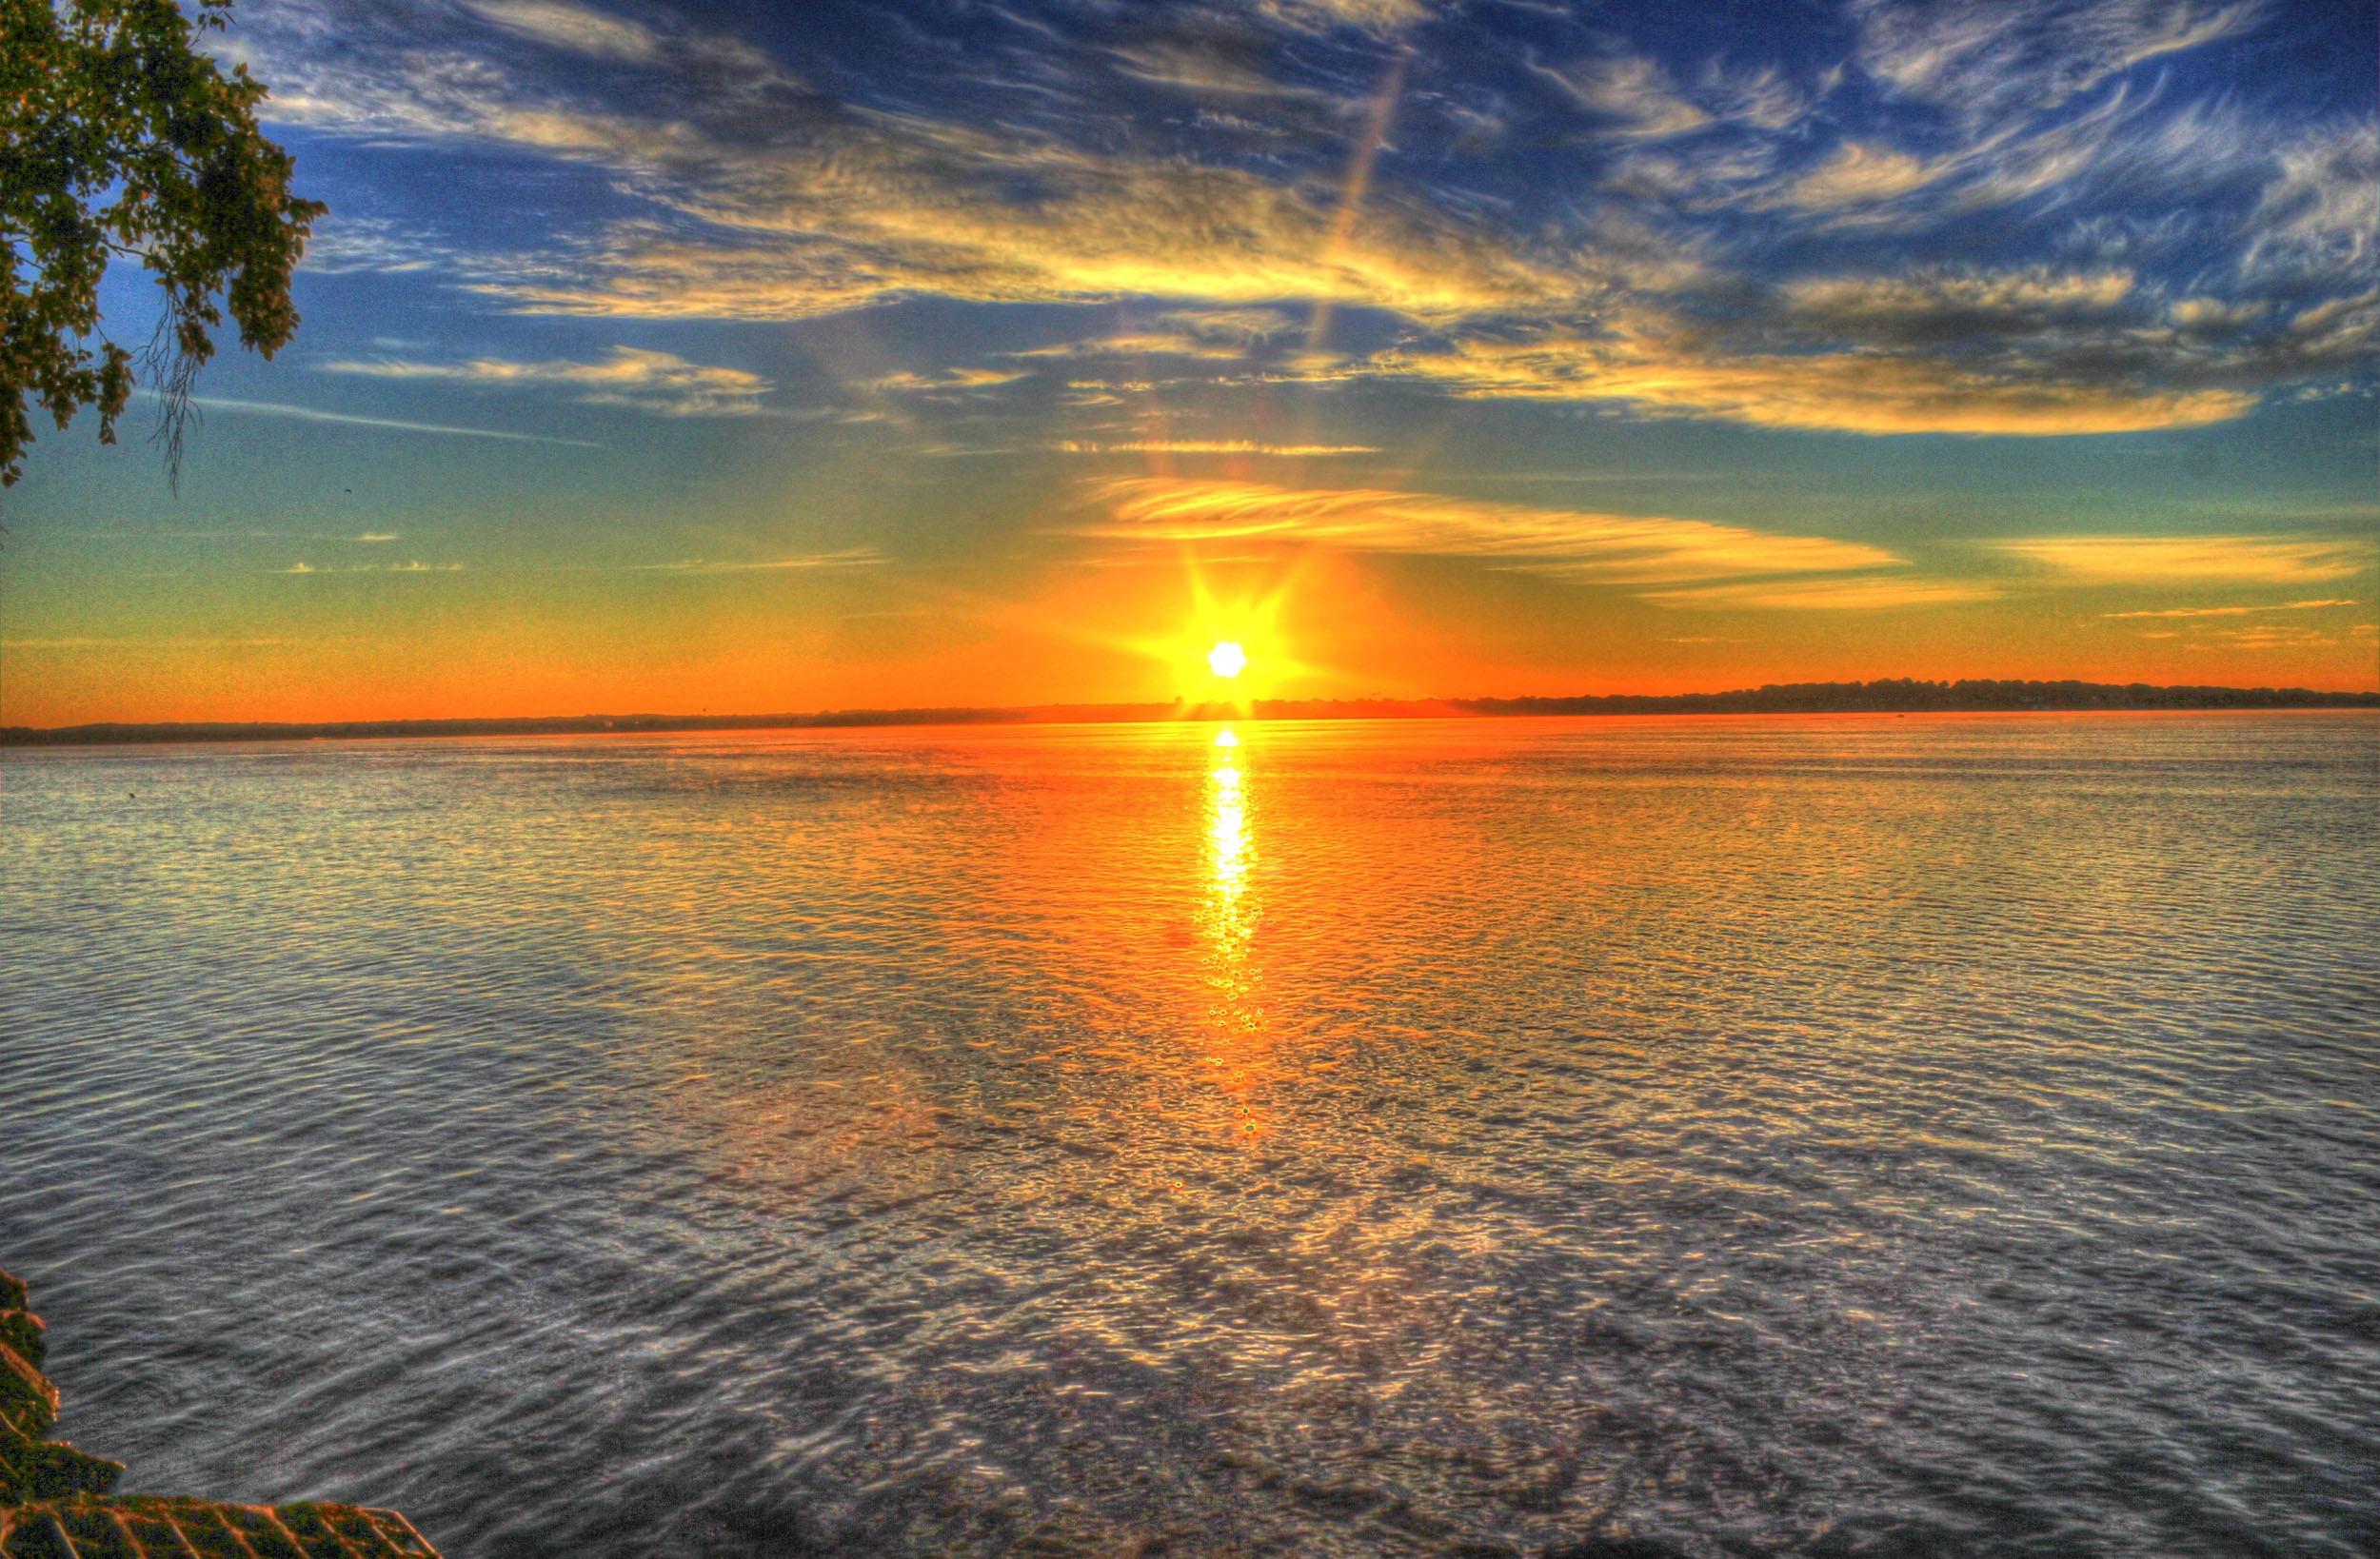 sunrise-182302.jpg